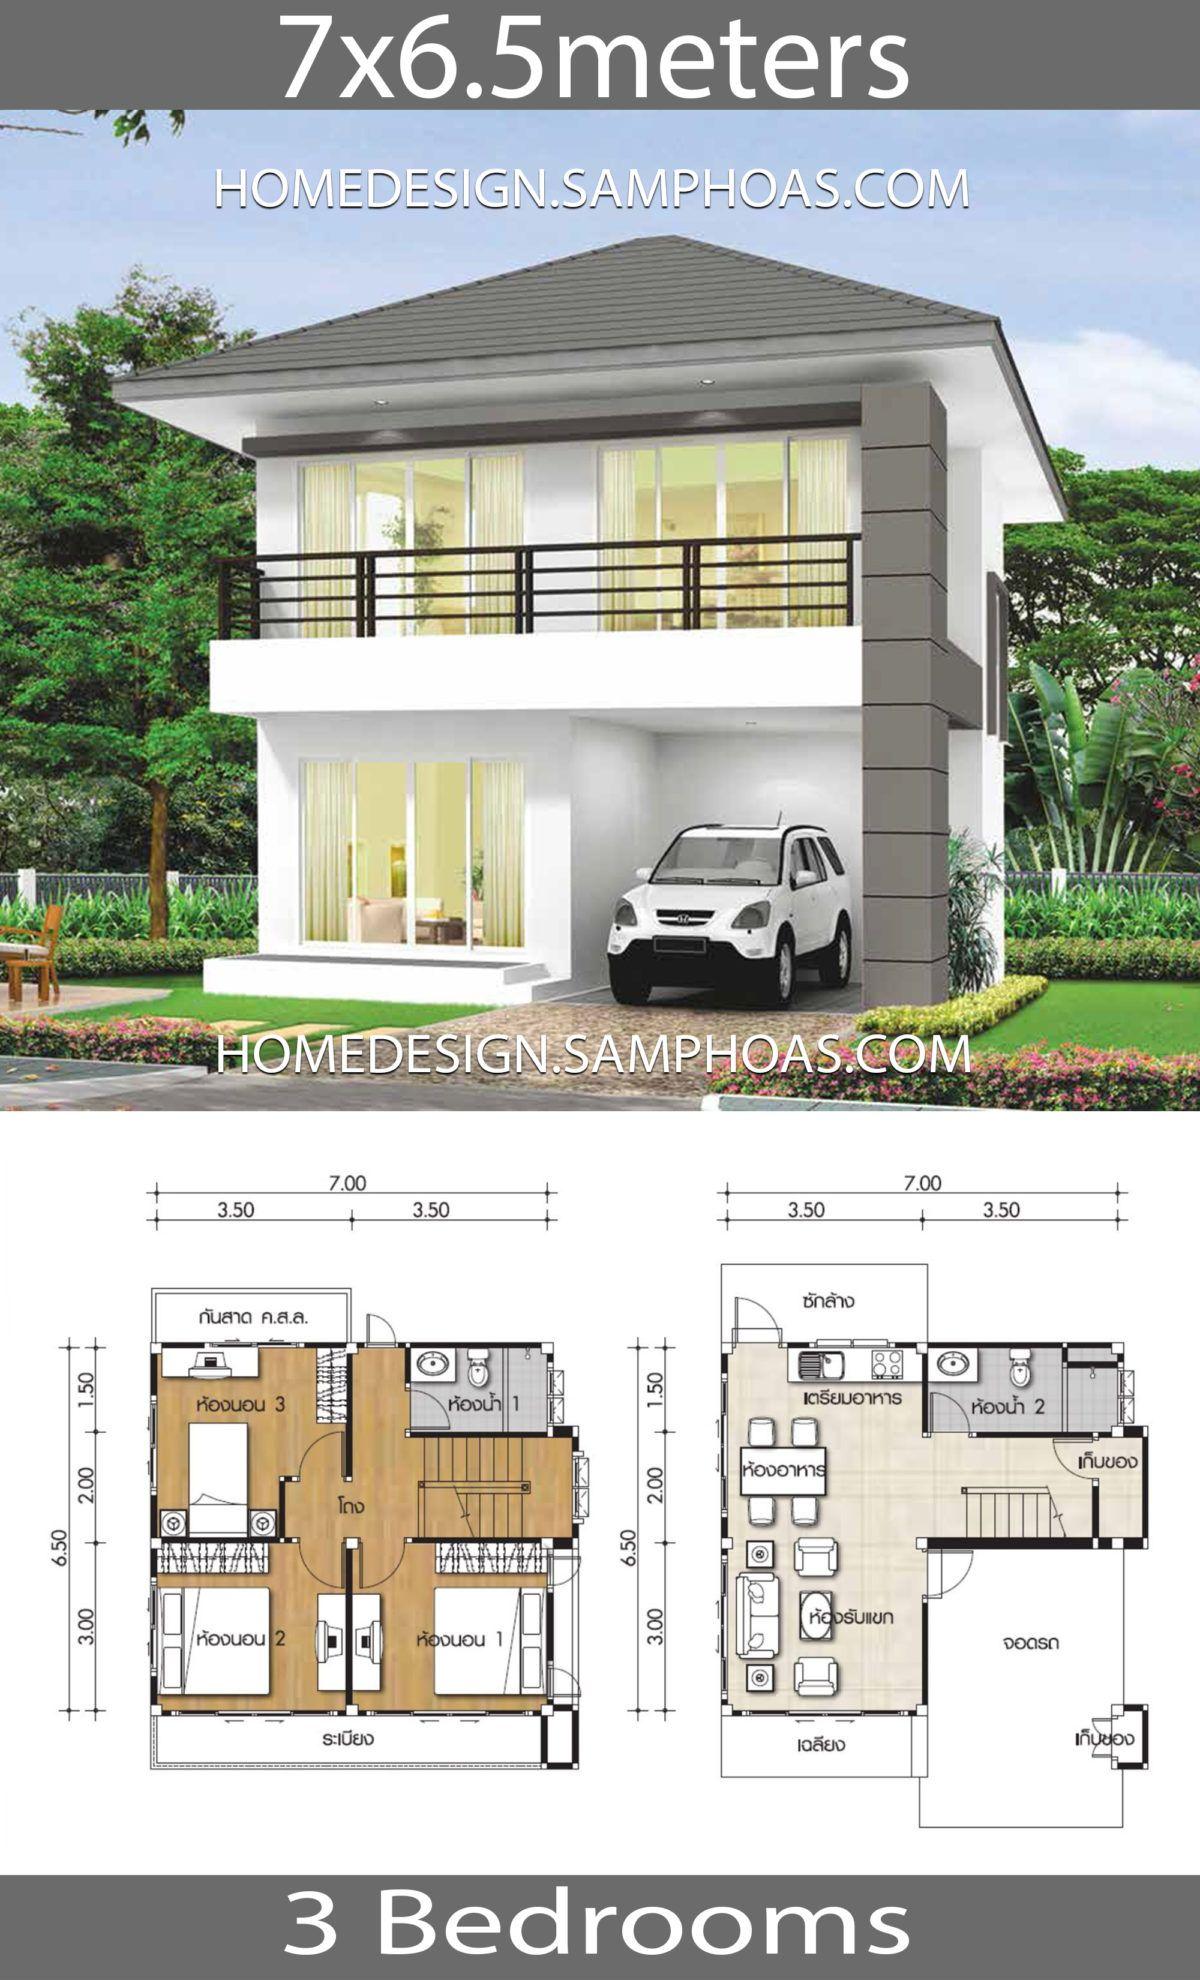 Find Your House Plans Below House Plans 3d Casa De Arquitetura Projectos De Casas Projetos De Casas Simples